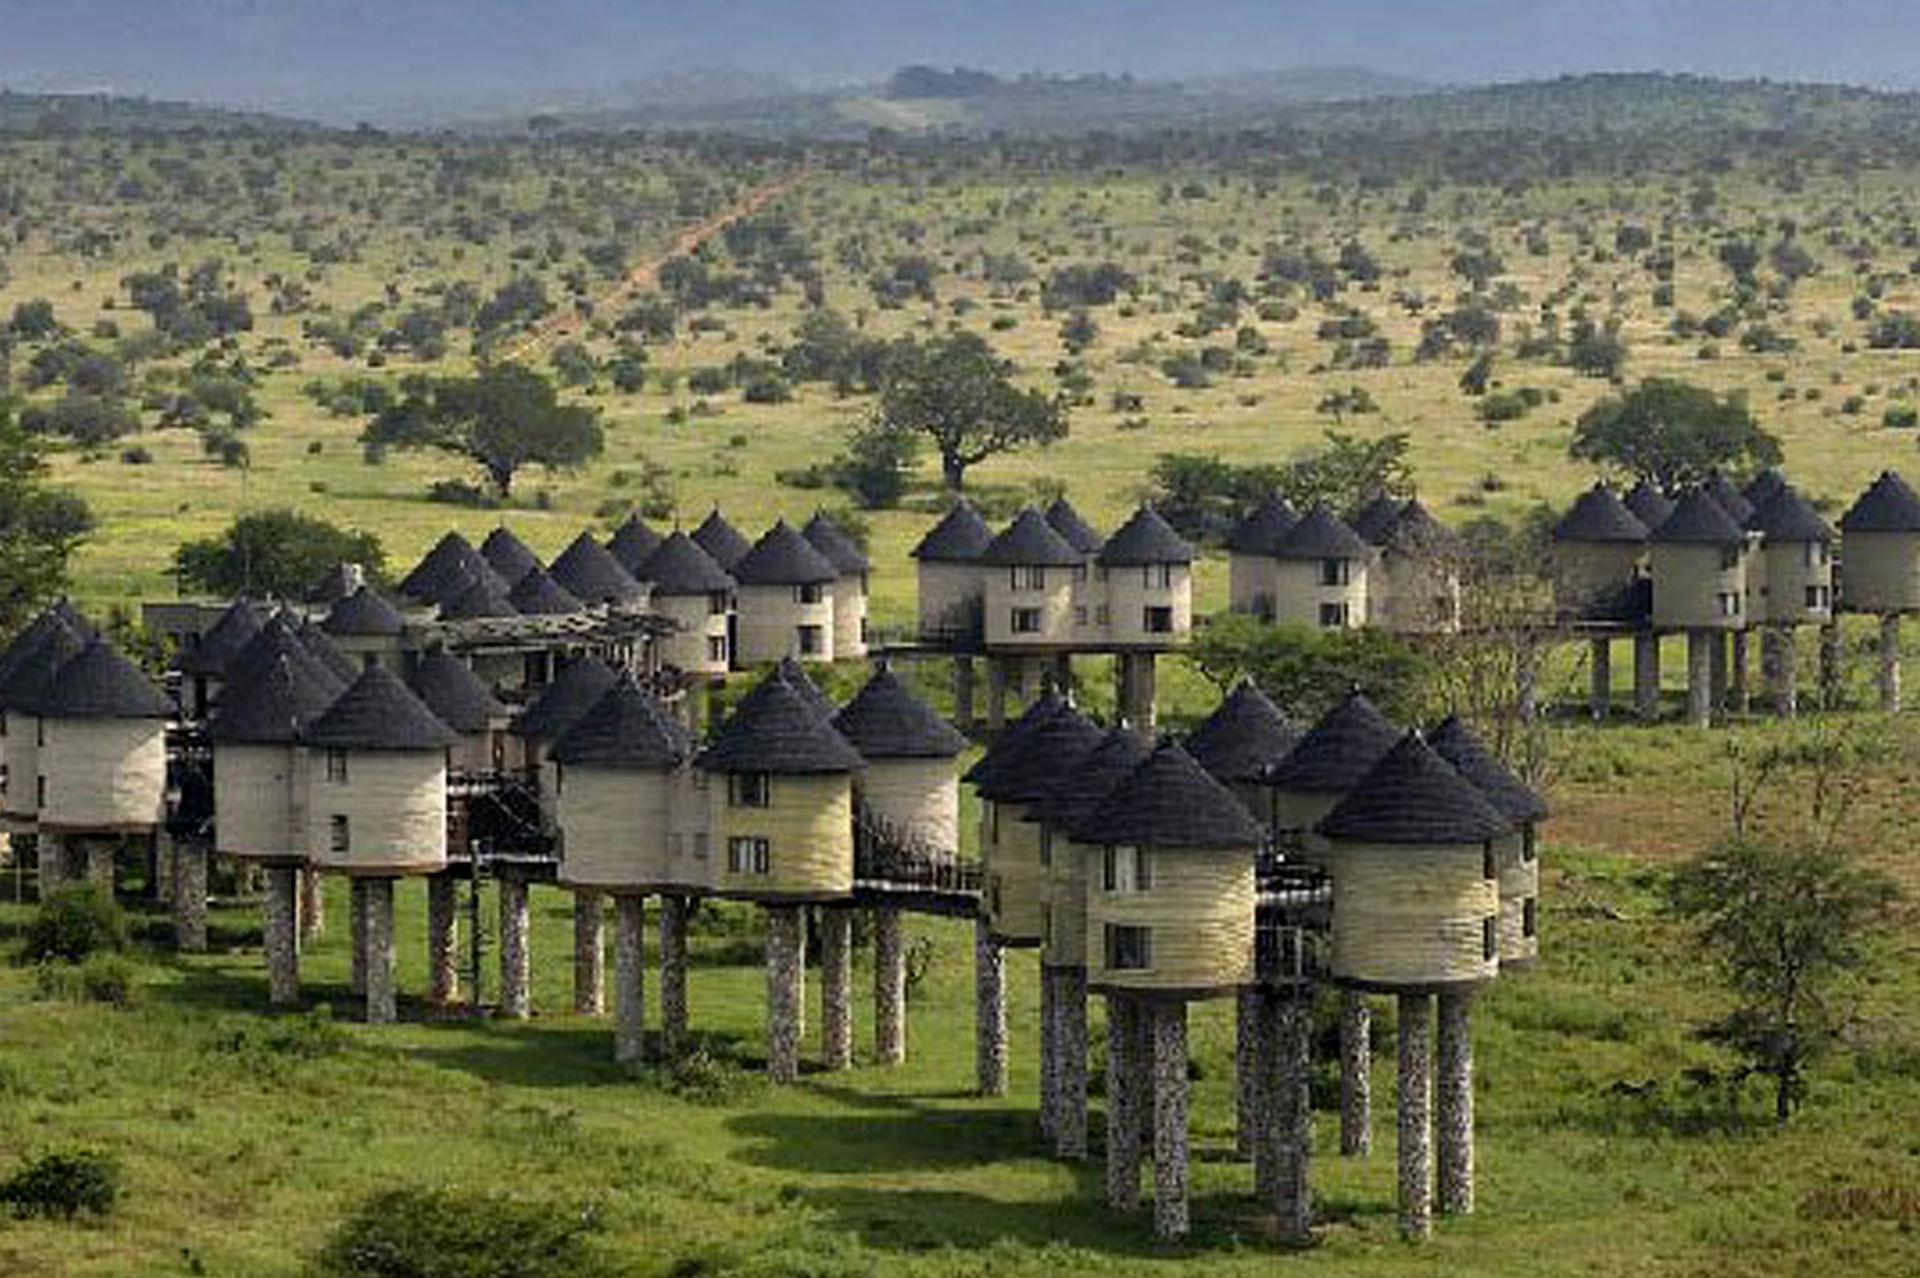 Diani_travel_center_tours_and_safaris_diani_tours_and_safaris_2_Days_tsavo_east_and_saltlick-_jpg